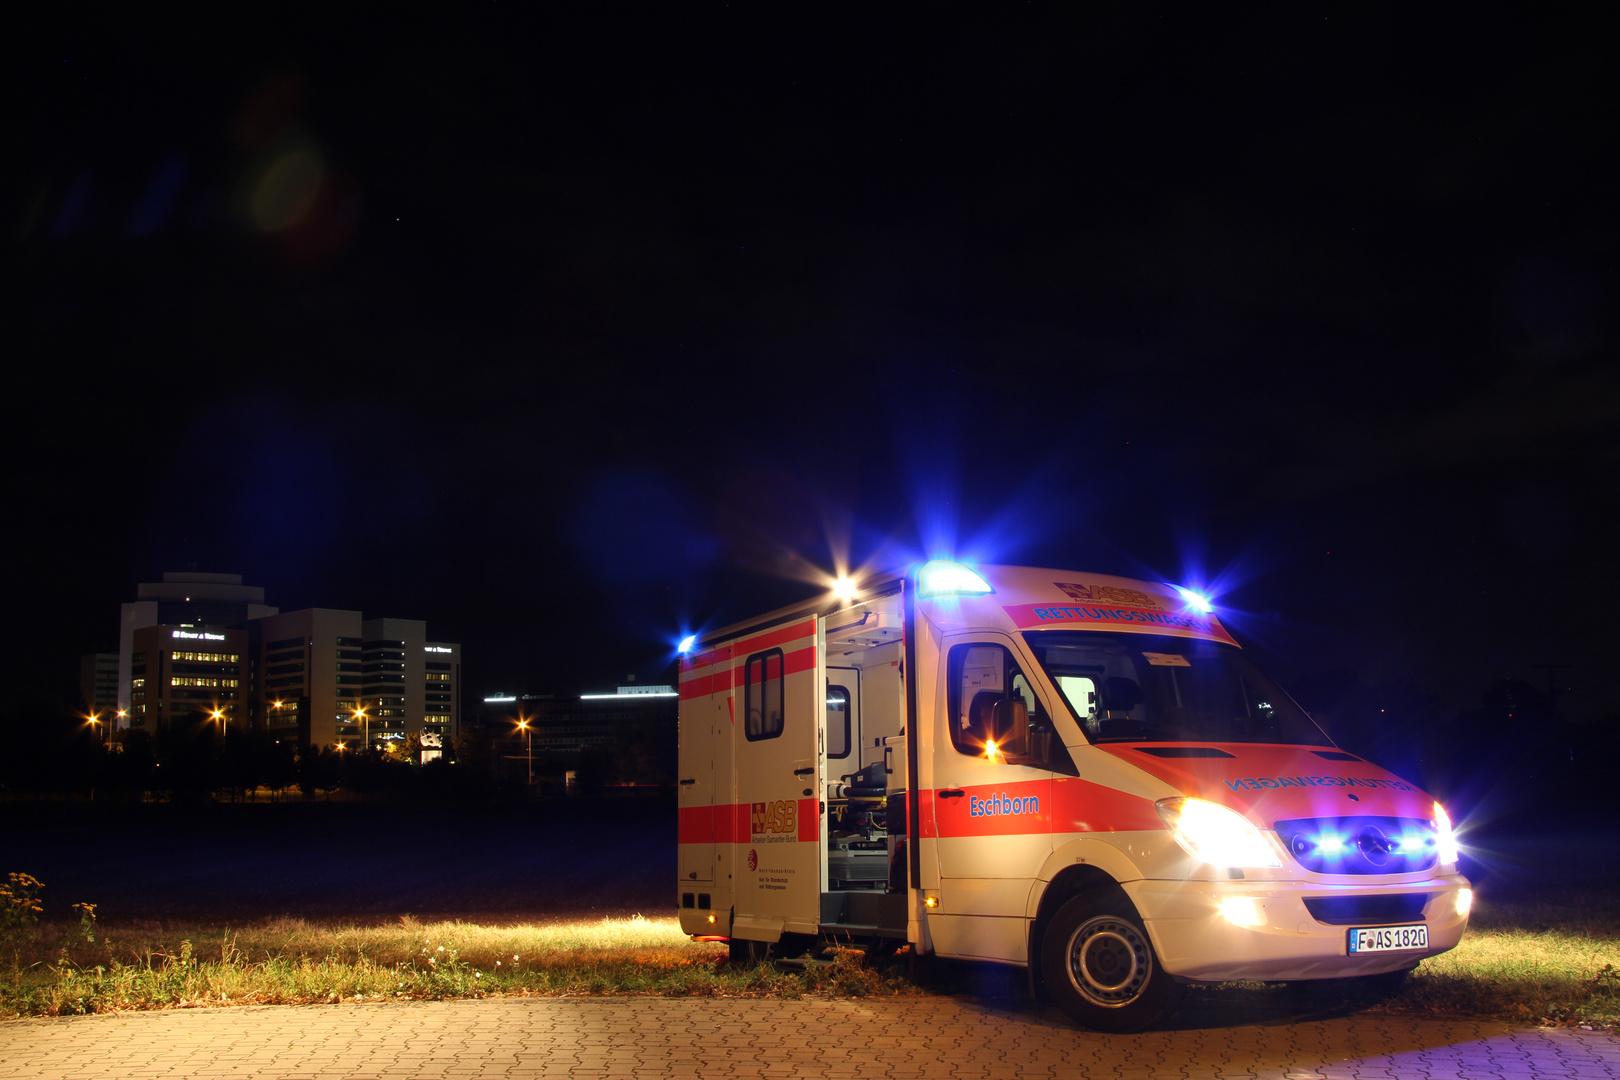 Rettungswache bei Nacht